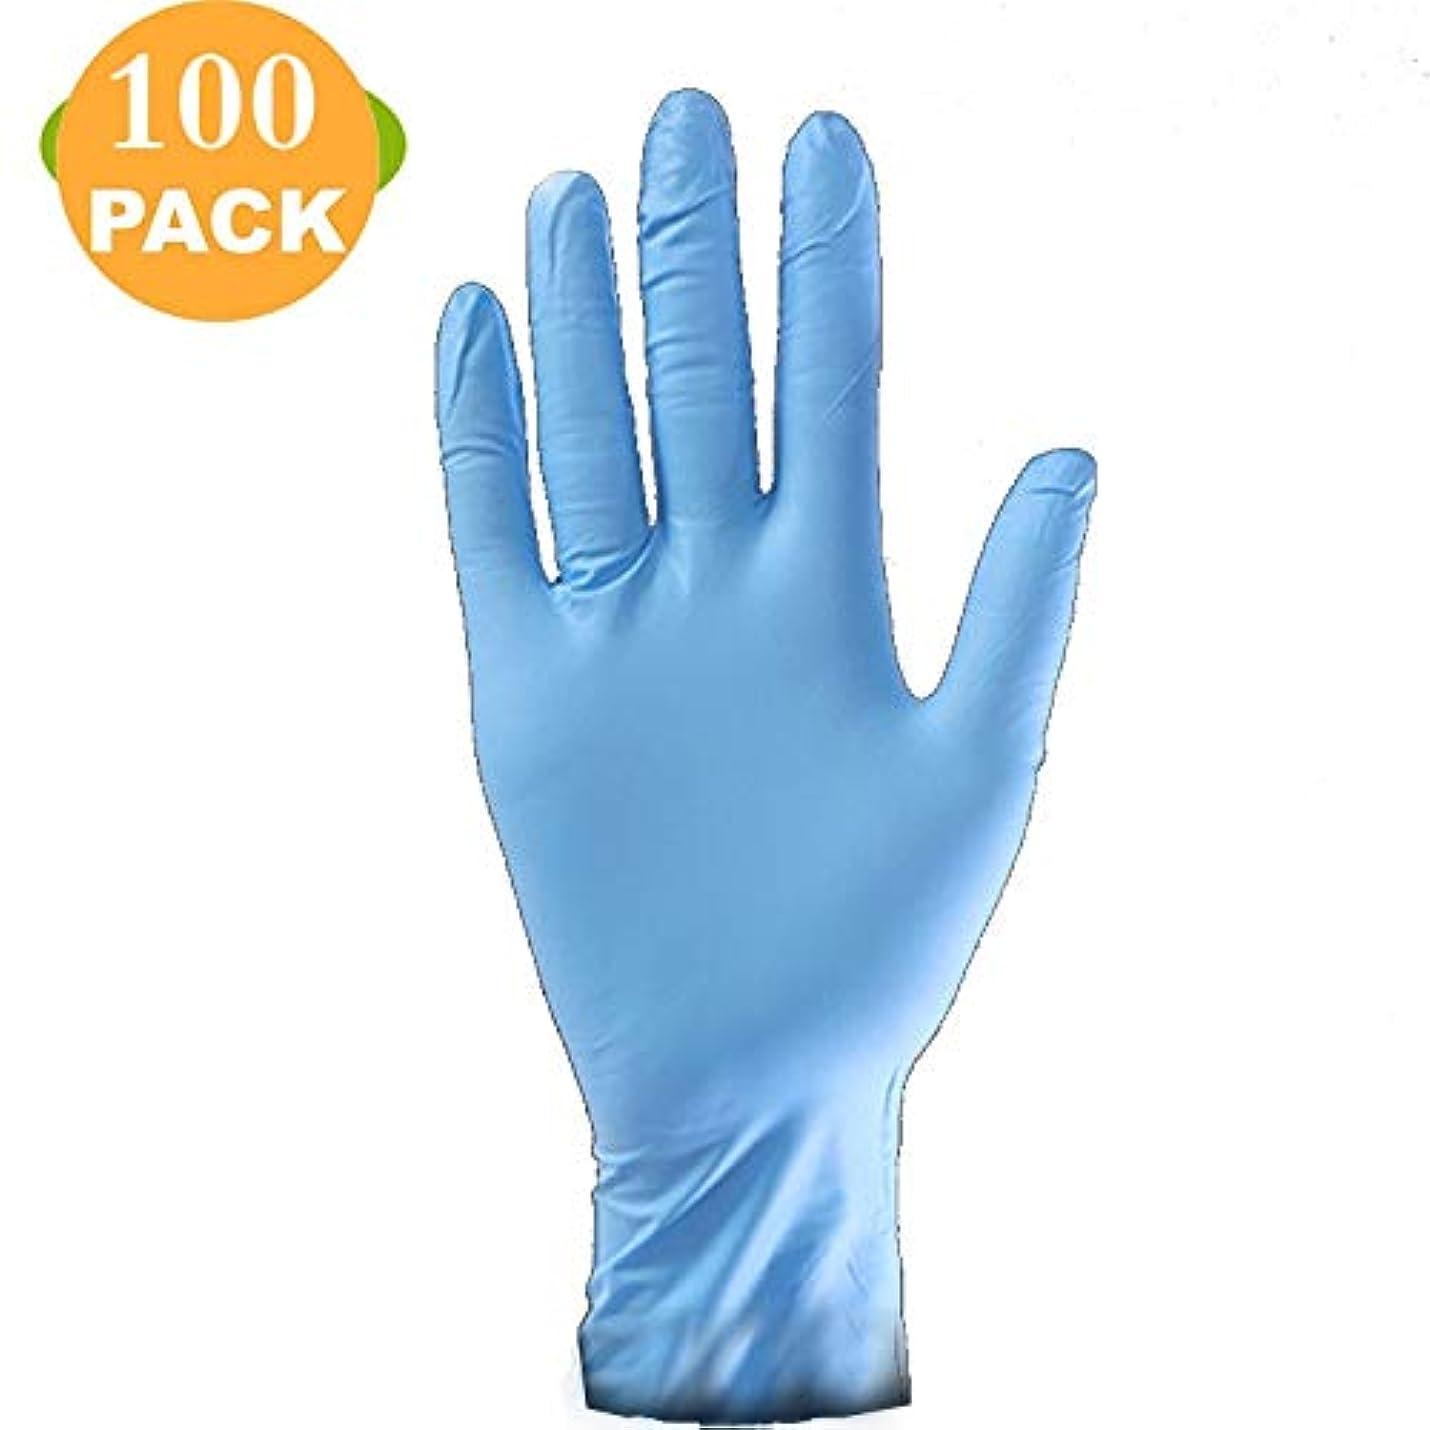 エンジニア芝生筋ニトリル使い捨てパウダーフリー耐酸クリーン美容ネイルサロン油と酸耐性-100パーボックス (Color : Blue, Size : M)